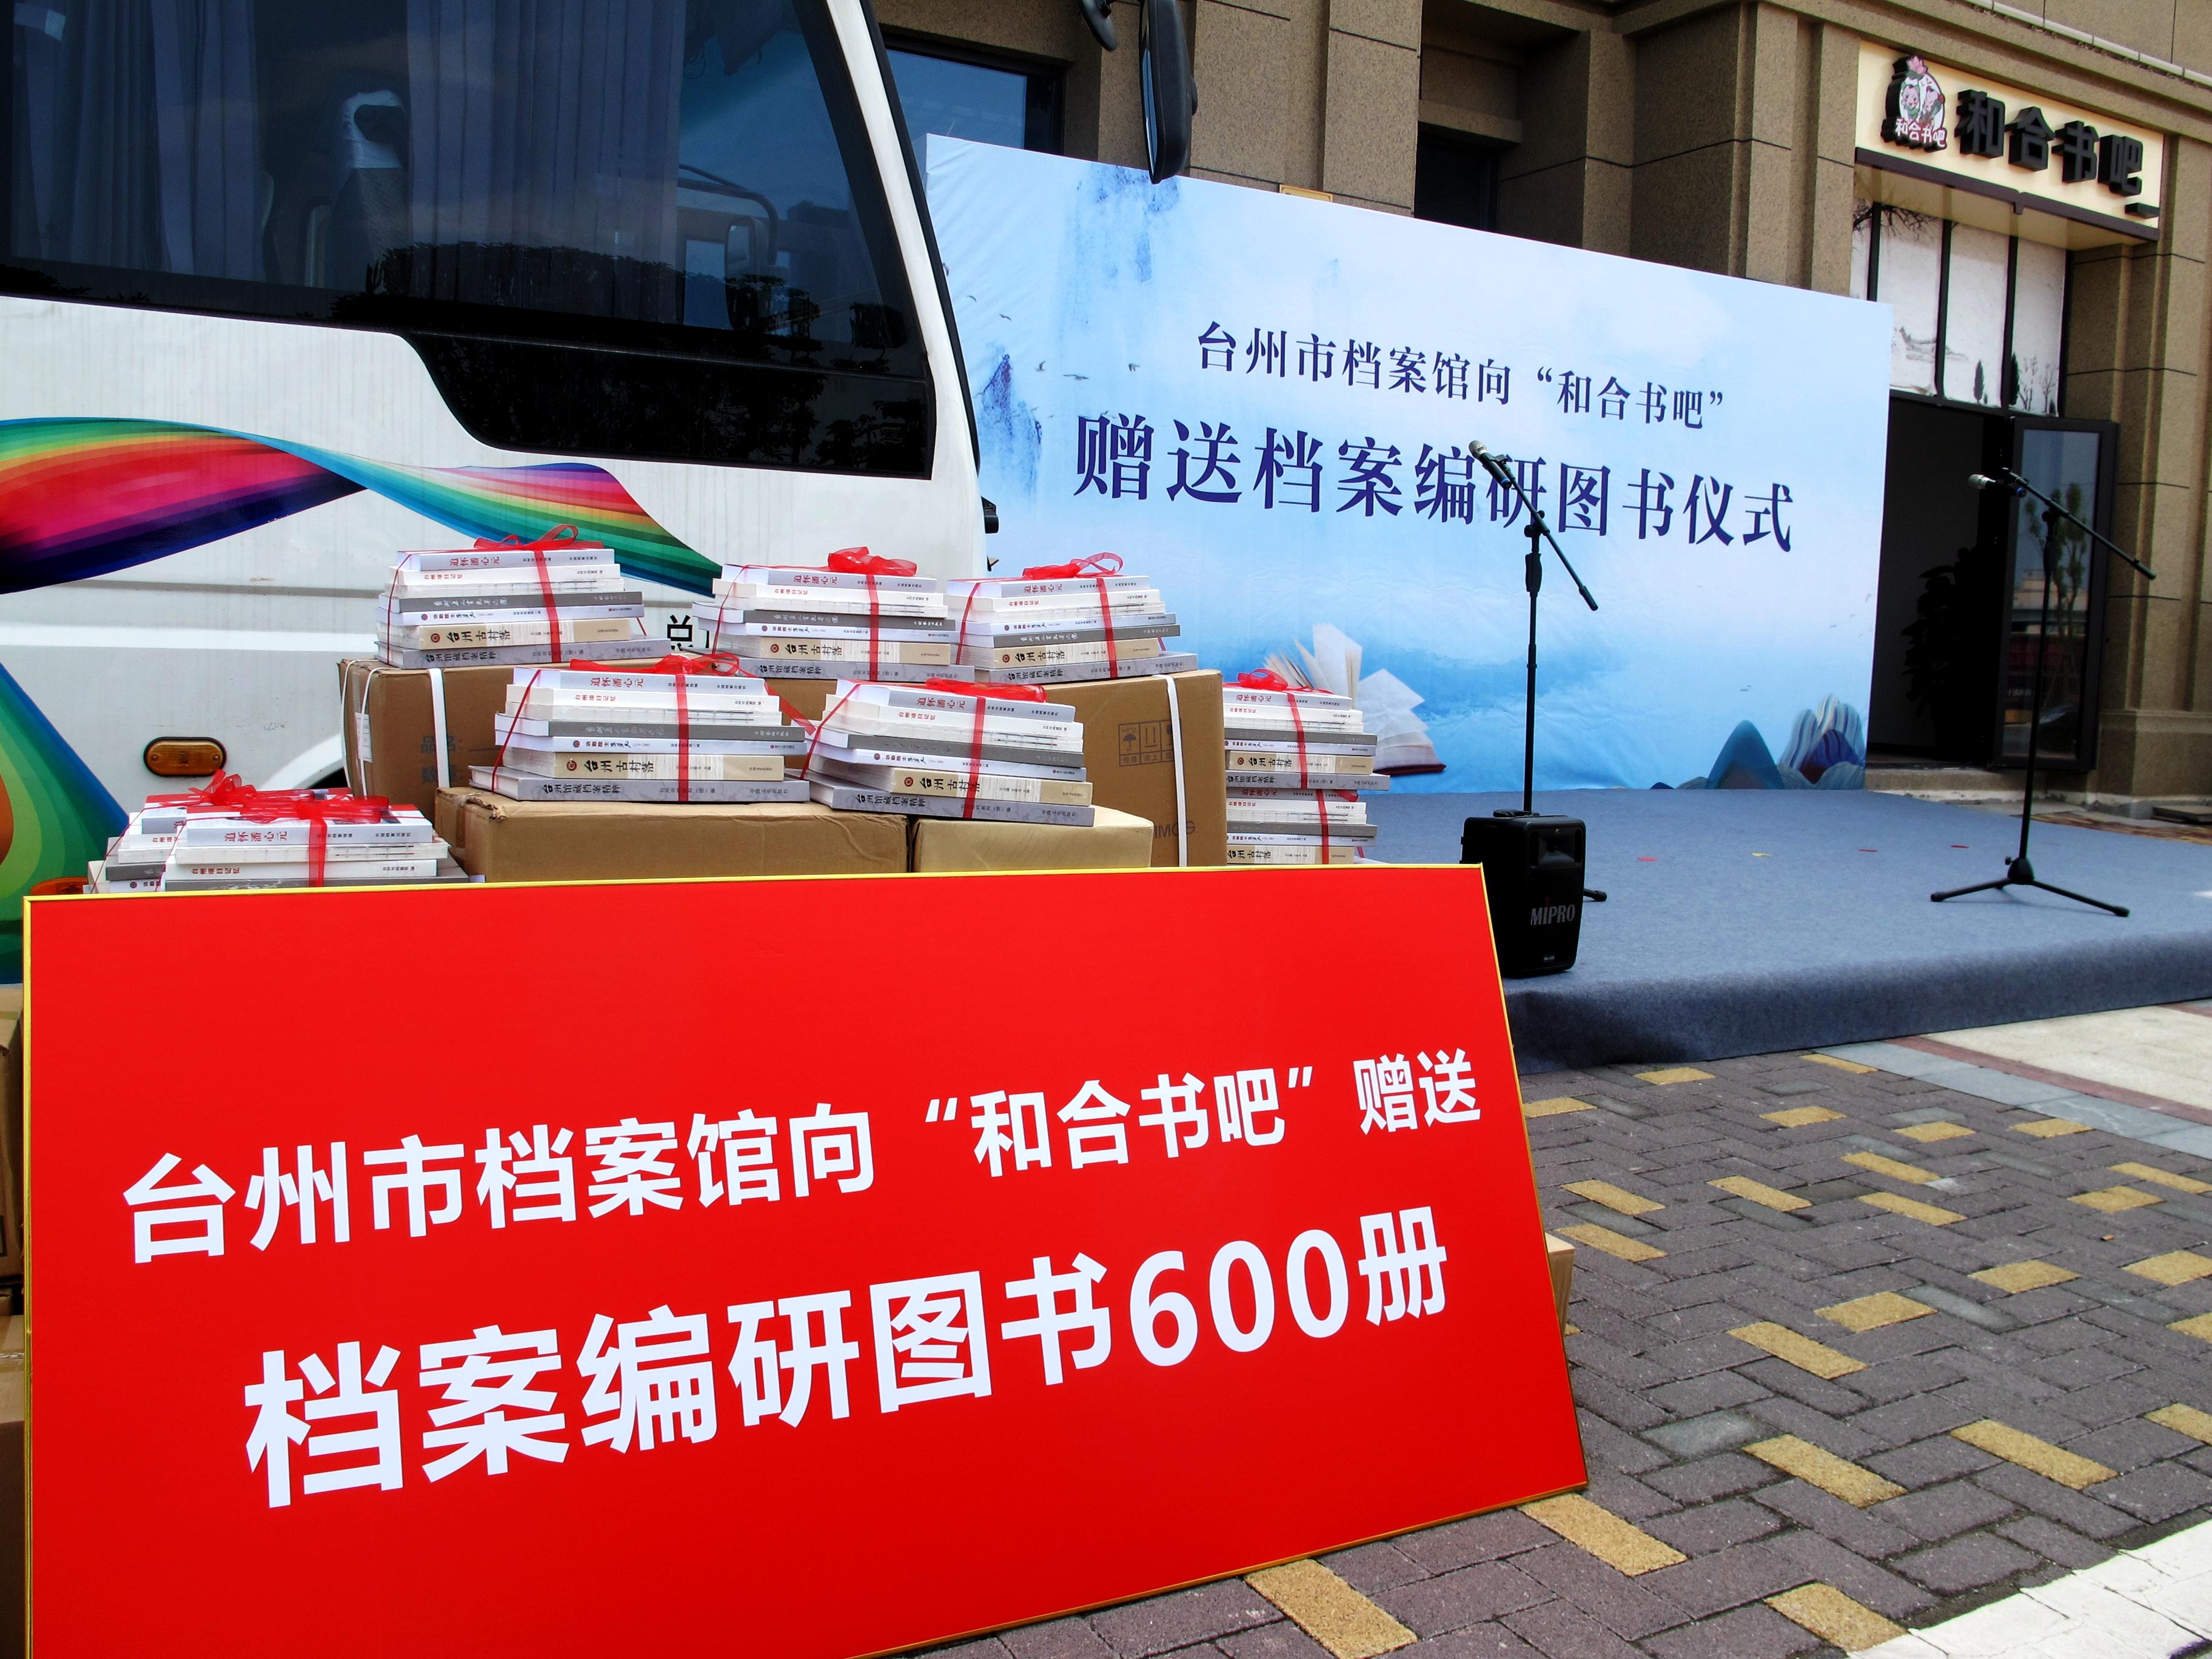 """台州市档案馆向""""和合书吧""""捐赠档案编研图书600册"""